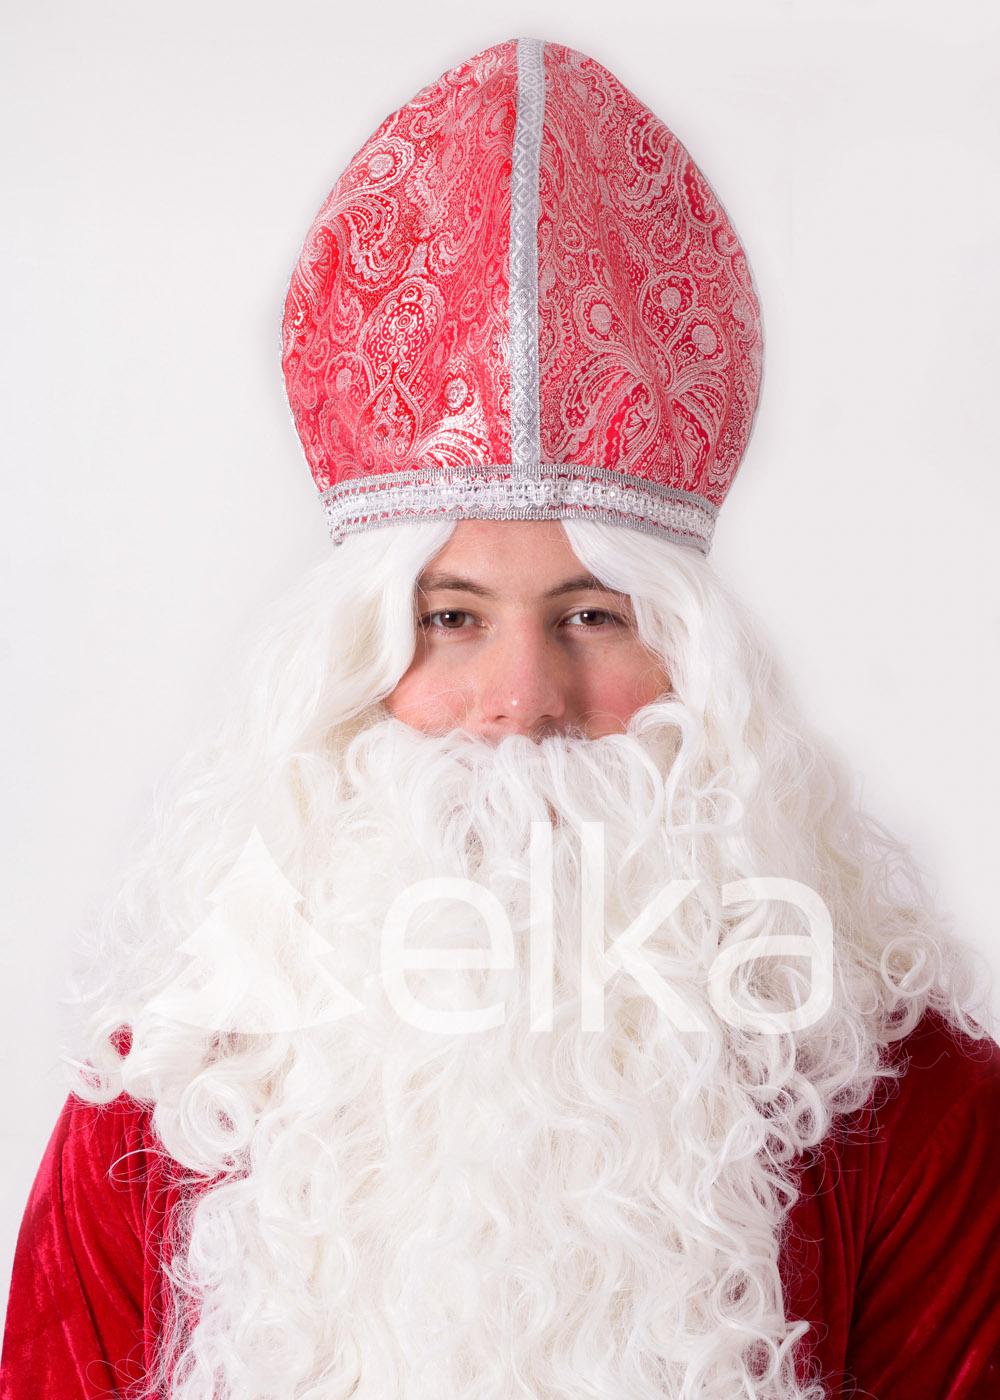 Костюм Святого Николая красный